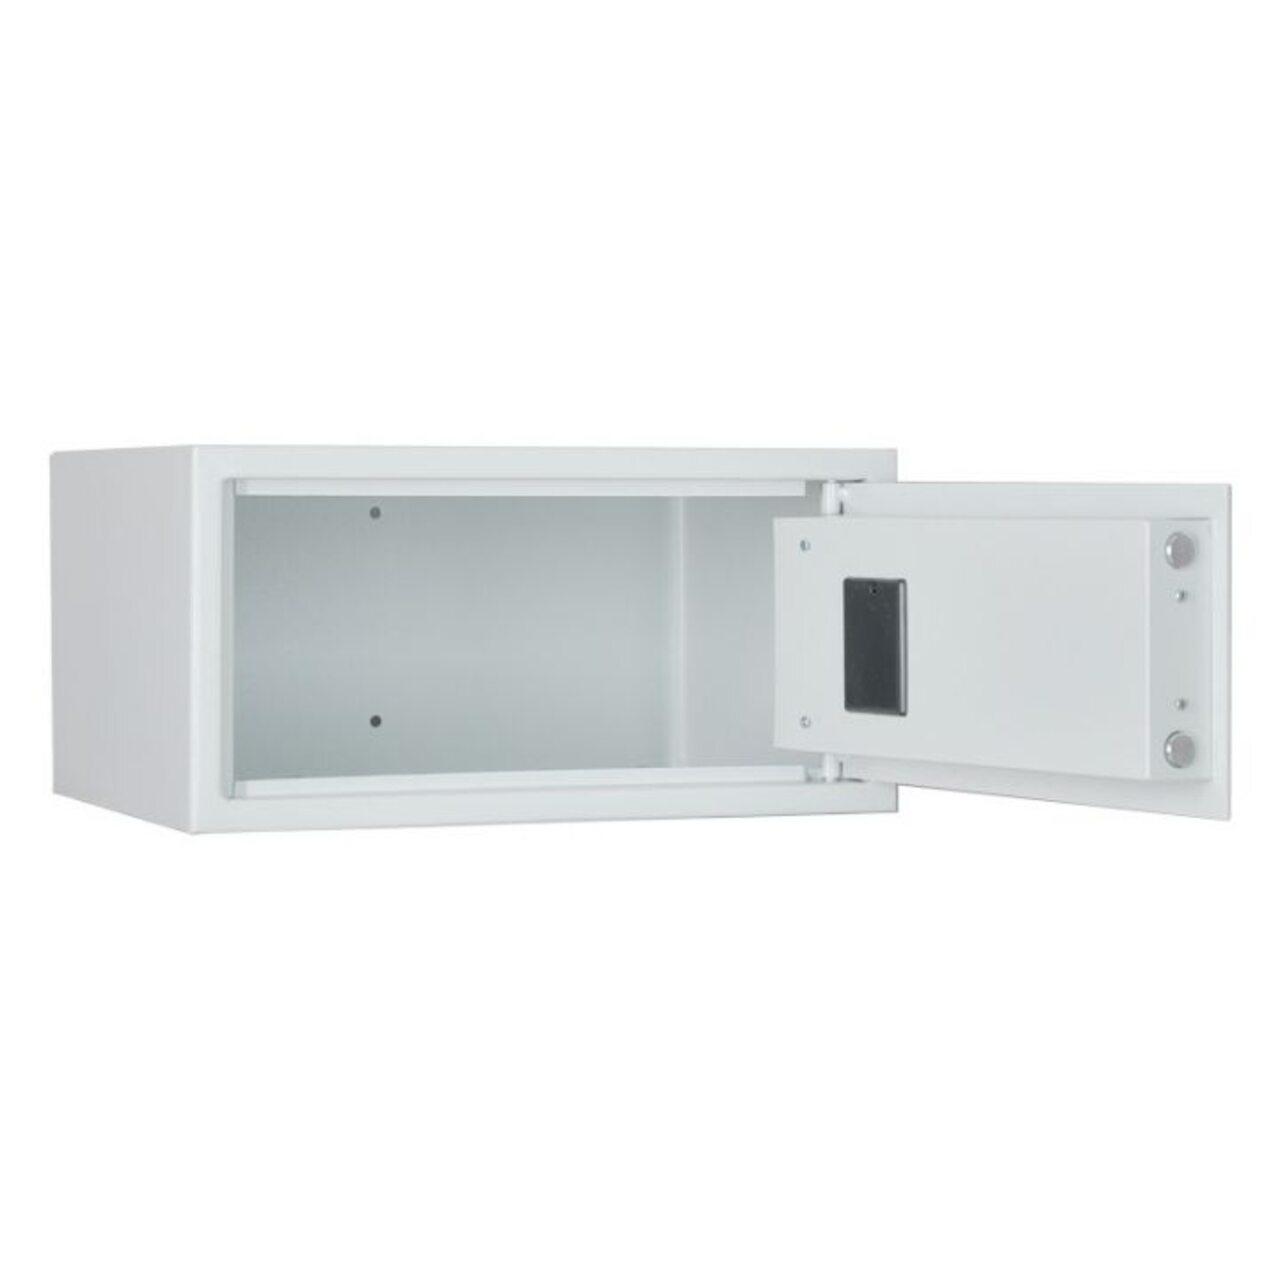 Шкаф мебельный с электронным замком ШМ-24Э - фото 2